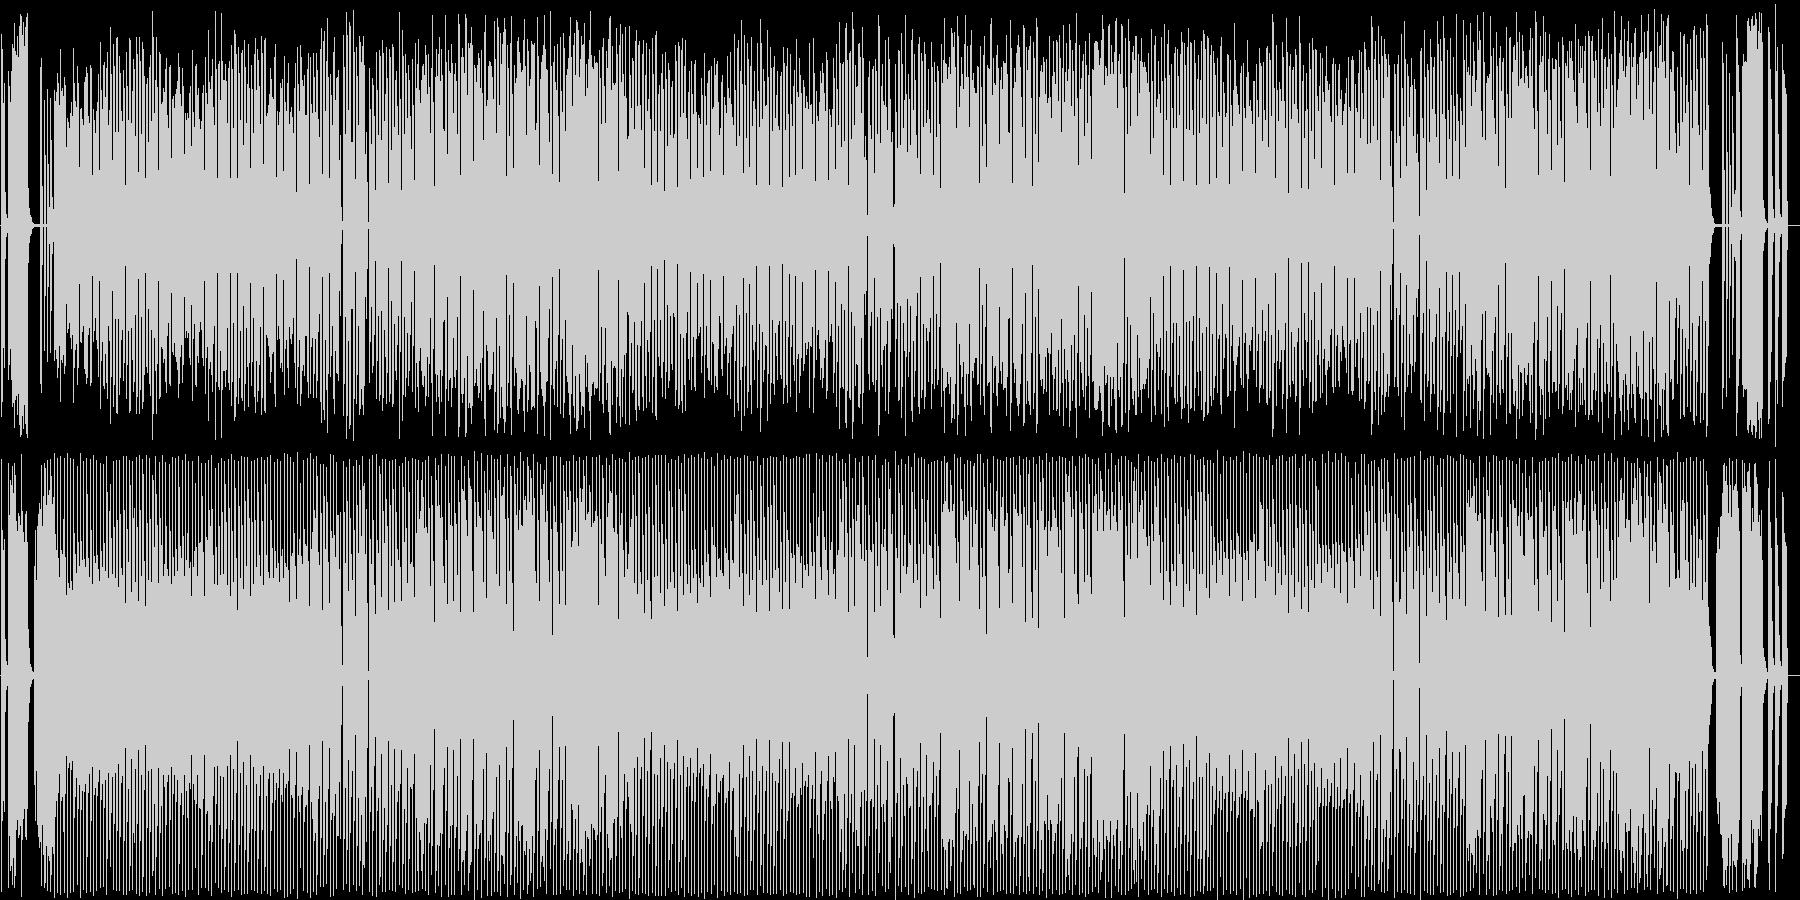 コミカルなポップス曲の未再生の波形